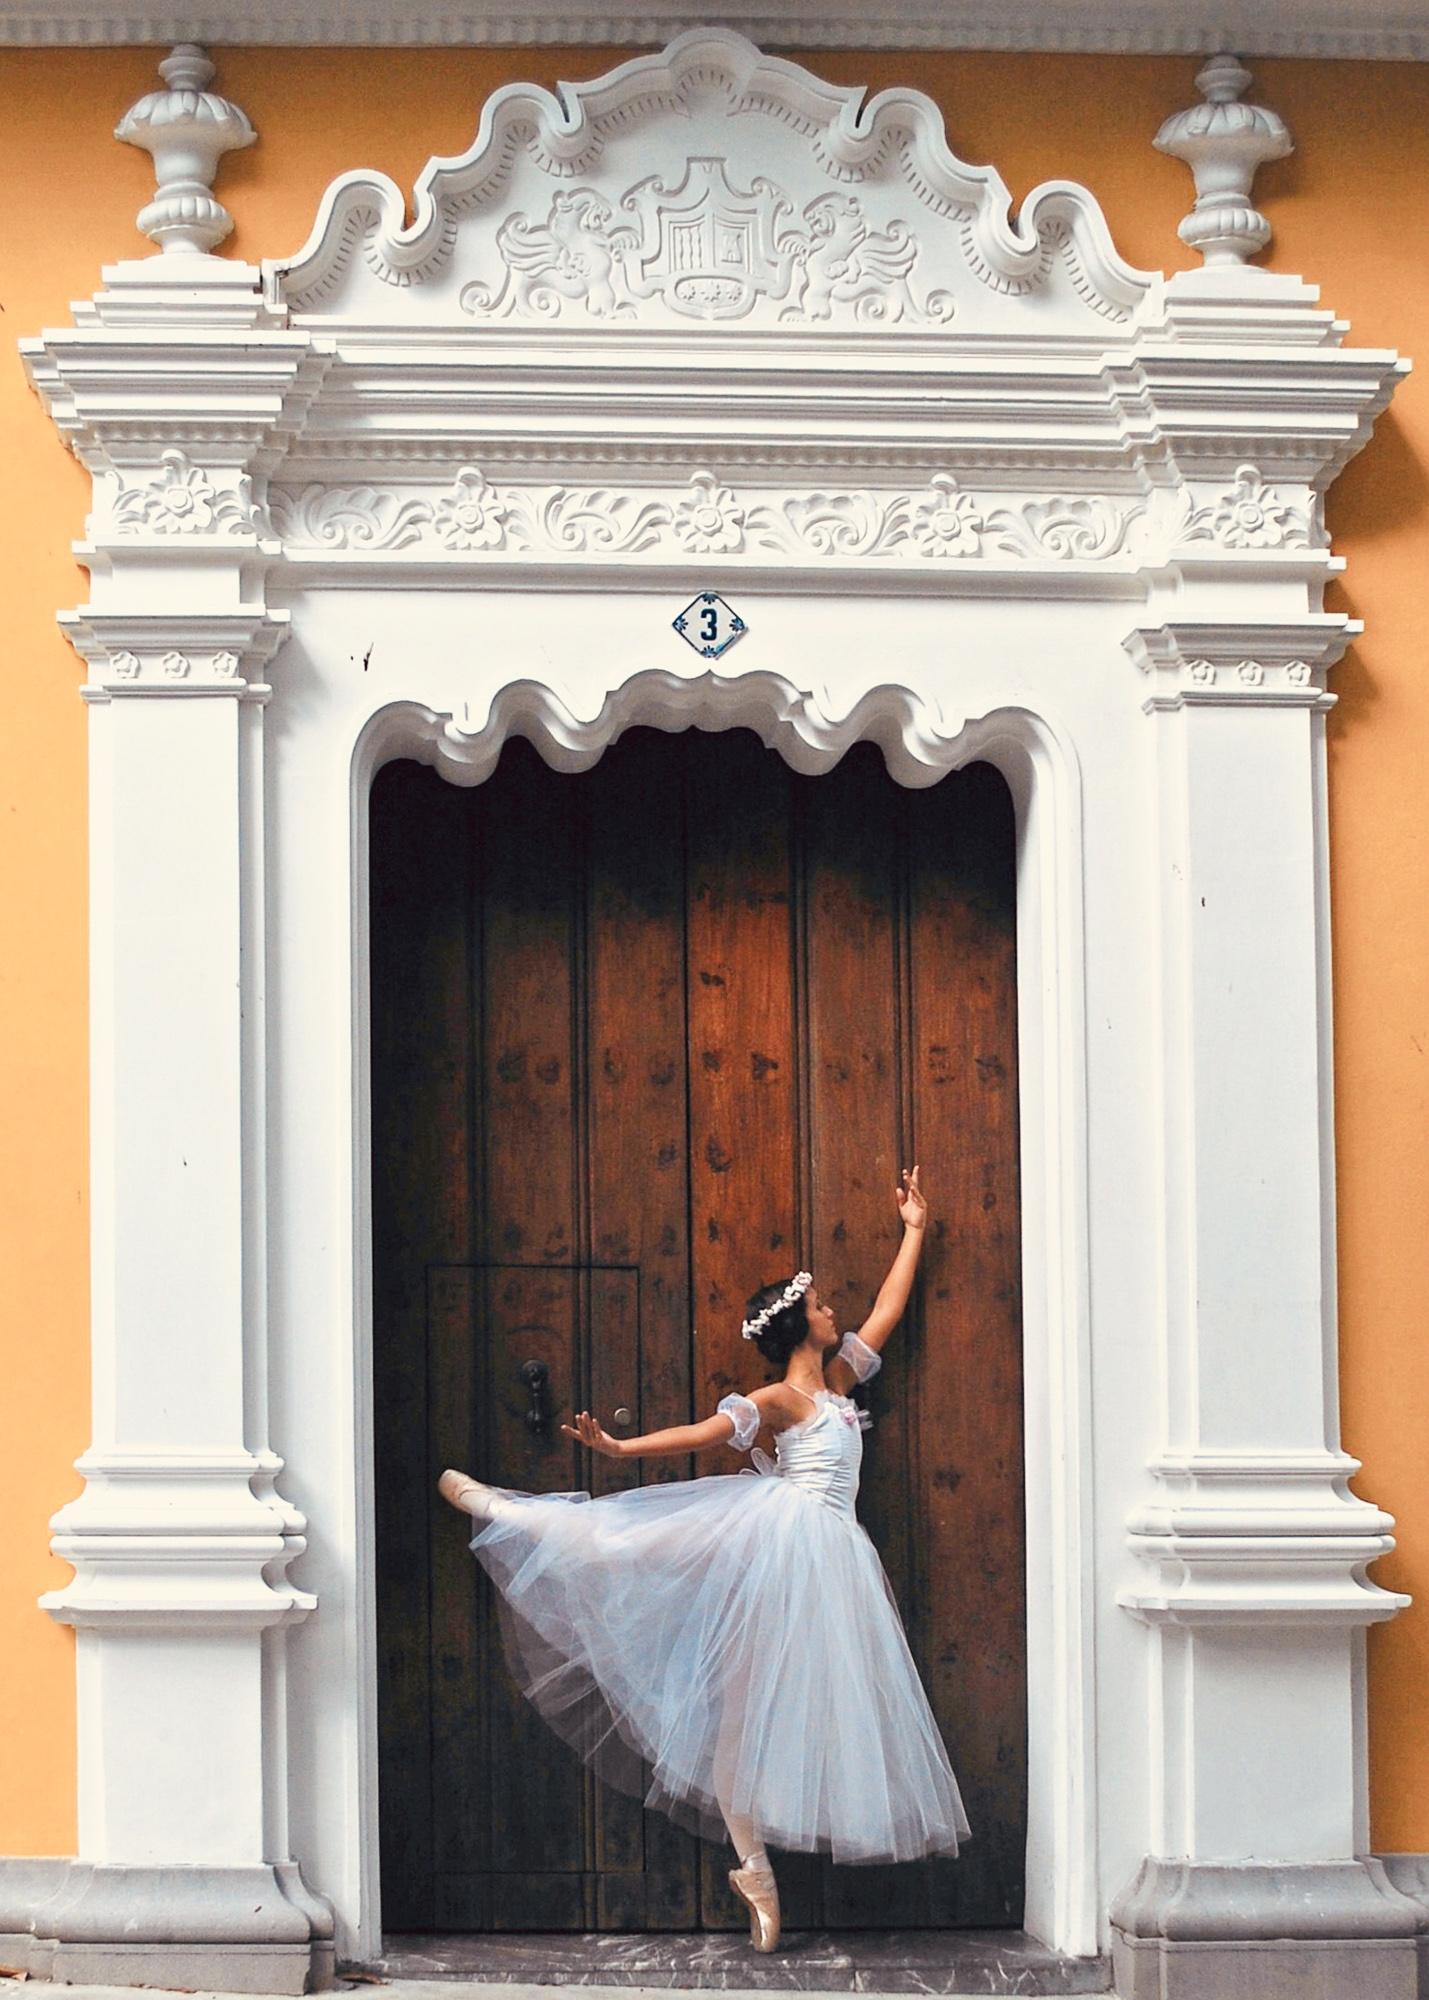 Lo-etereo-toca-a-la-puerta-del-Corazon - ser caraqueño